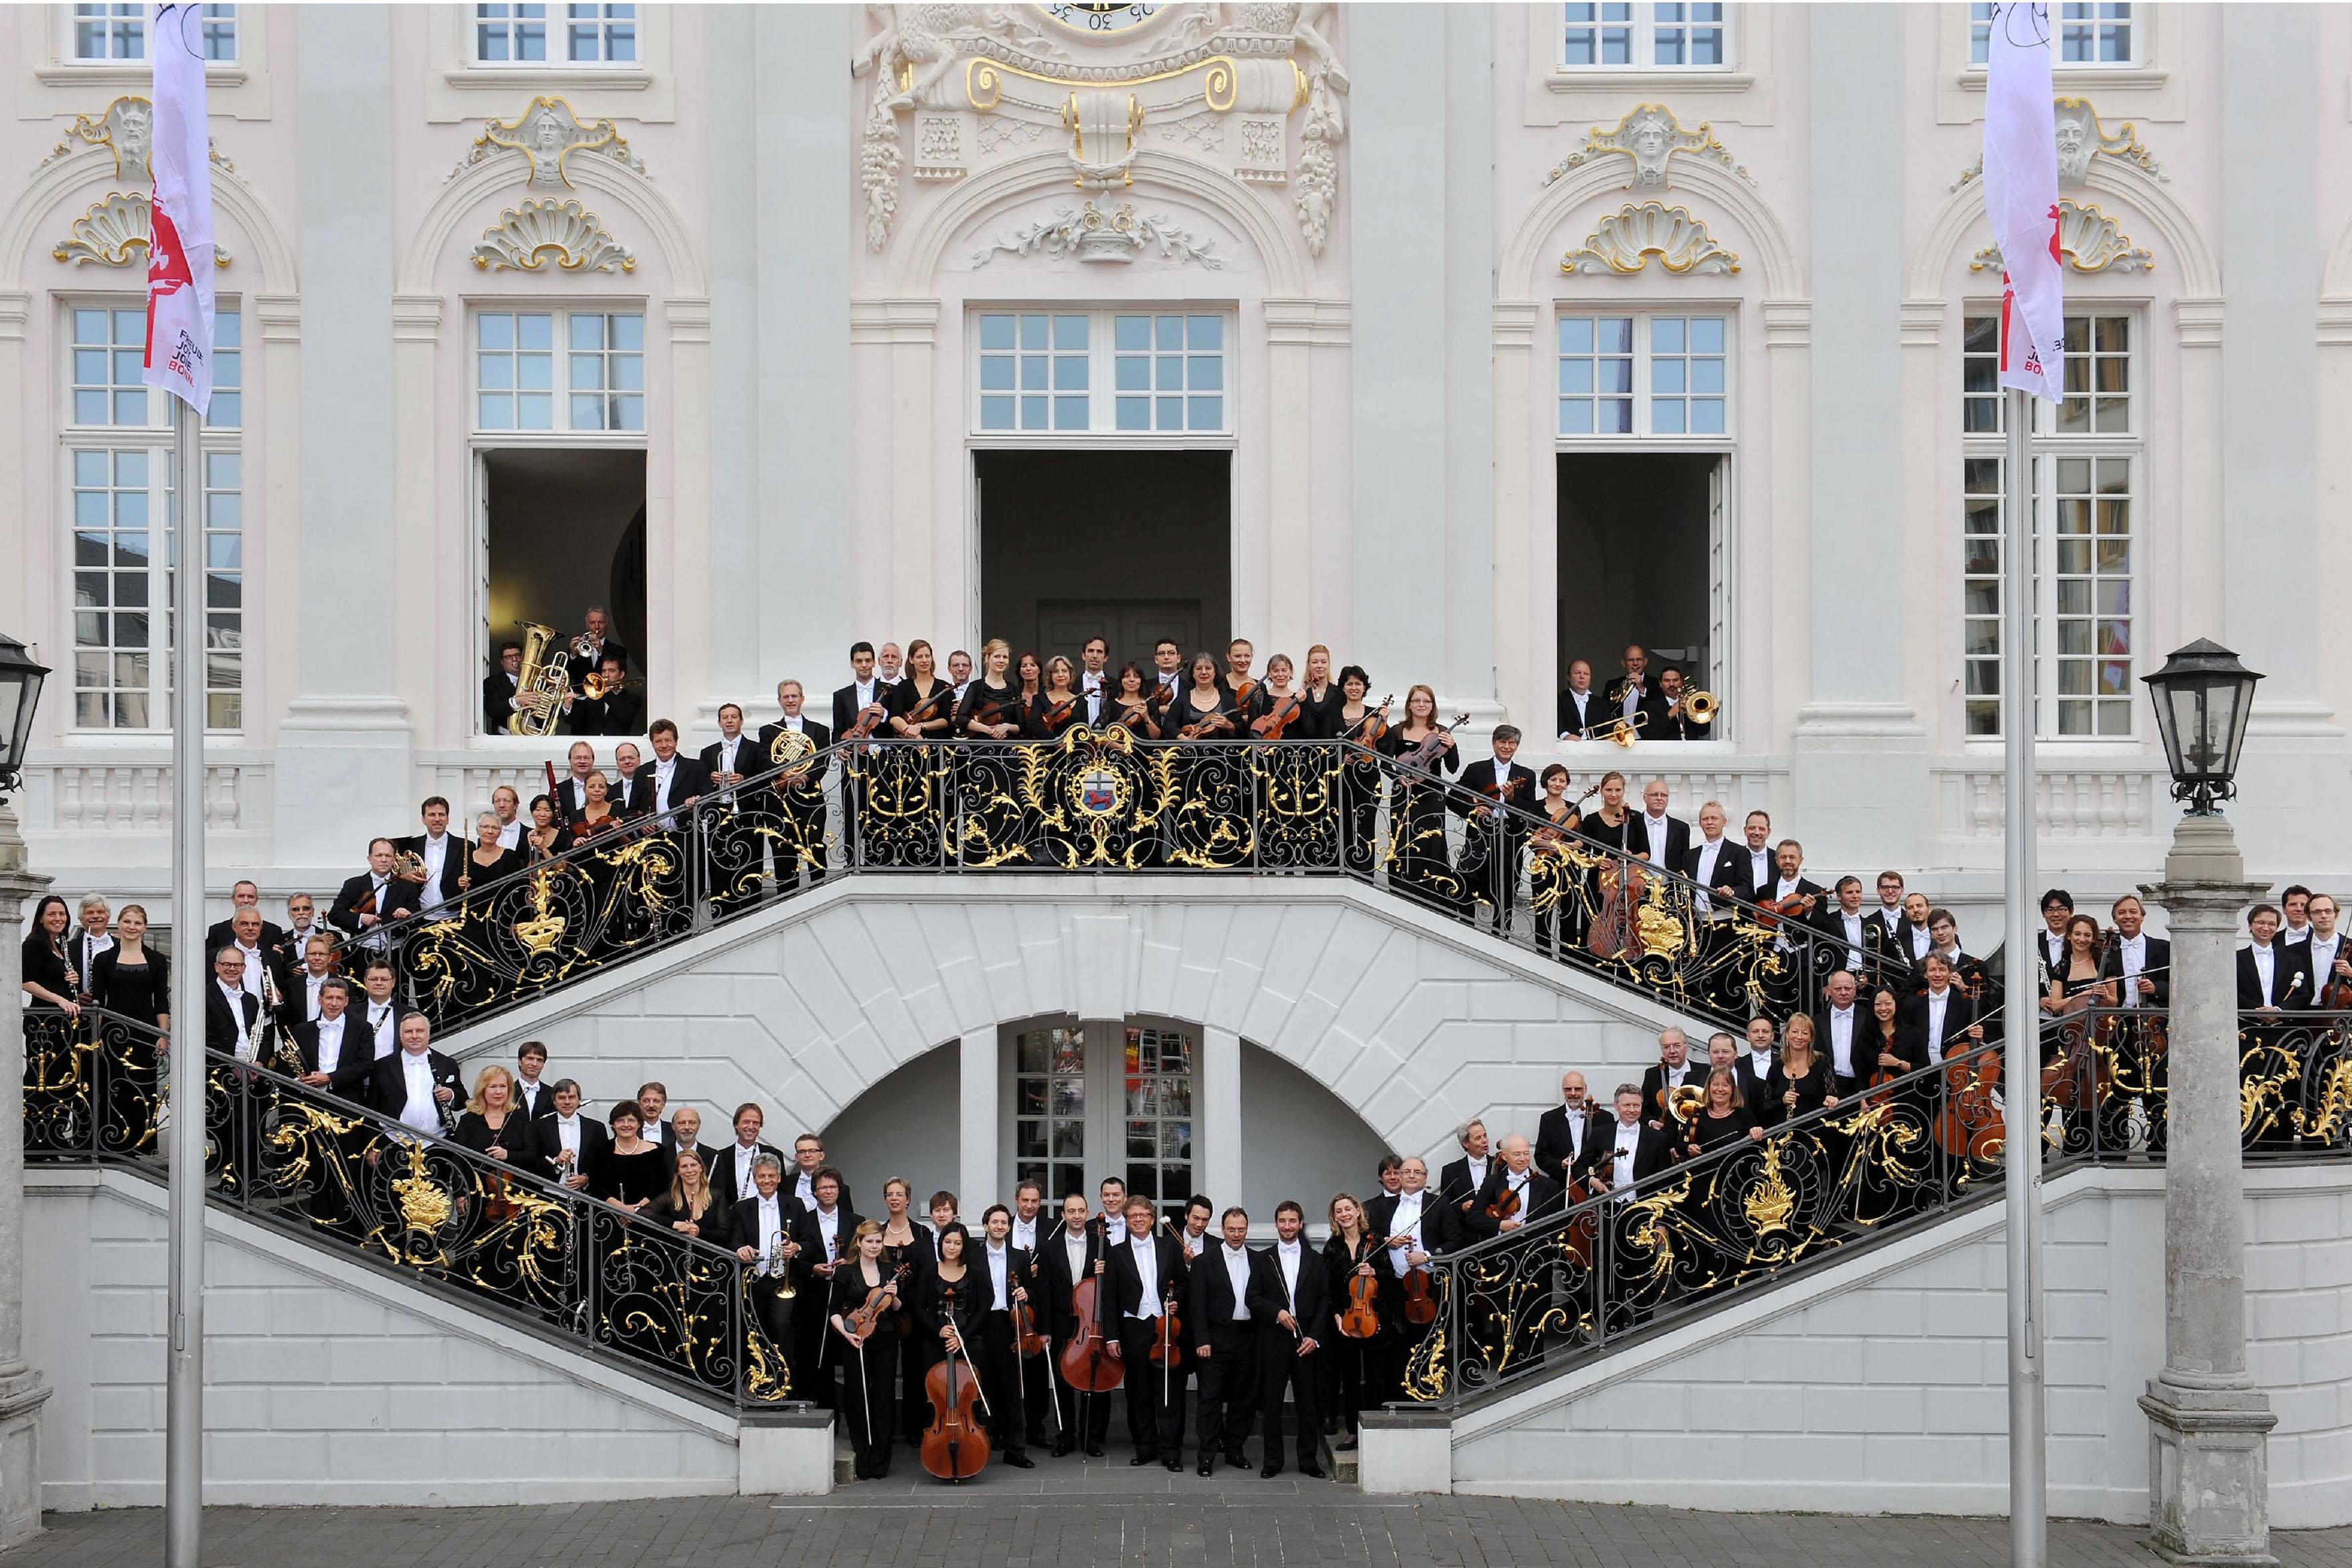 Das Beethoven Orchester Bonn auf der Treppe des Bonner Rathauses